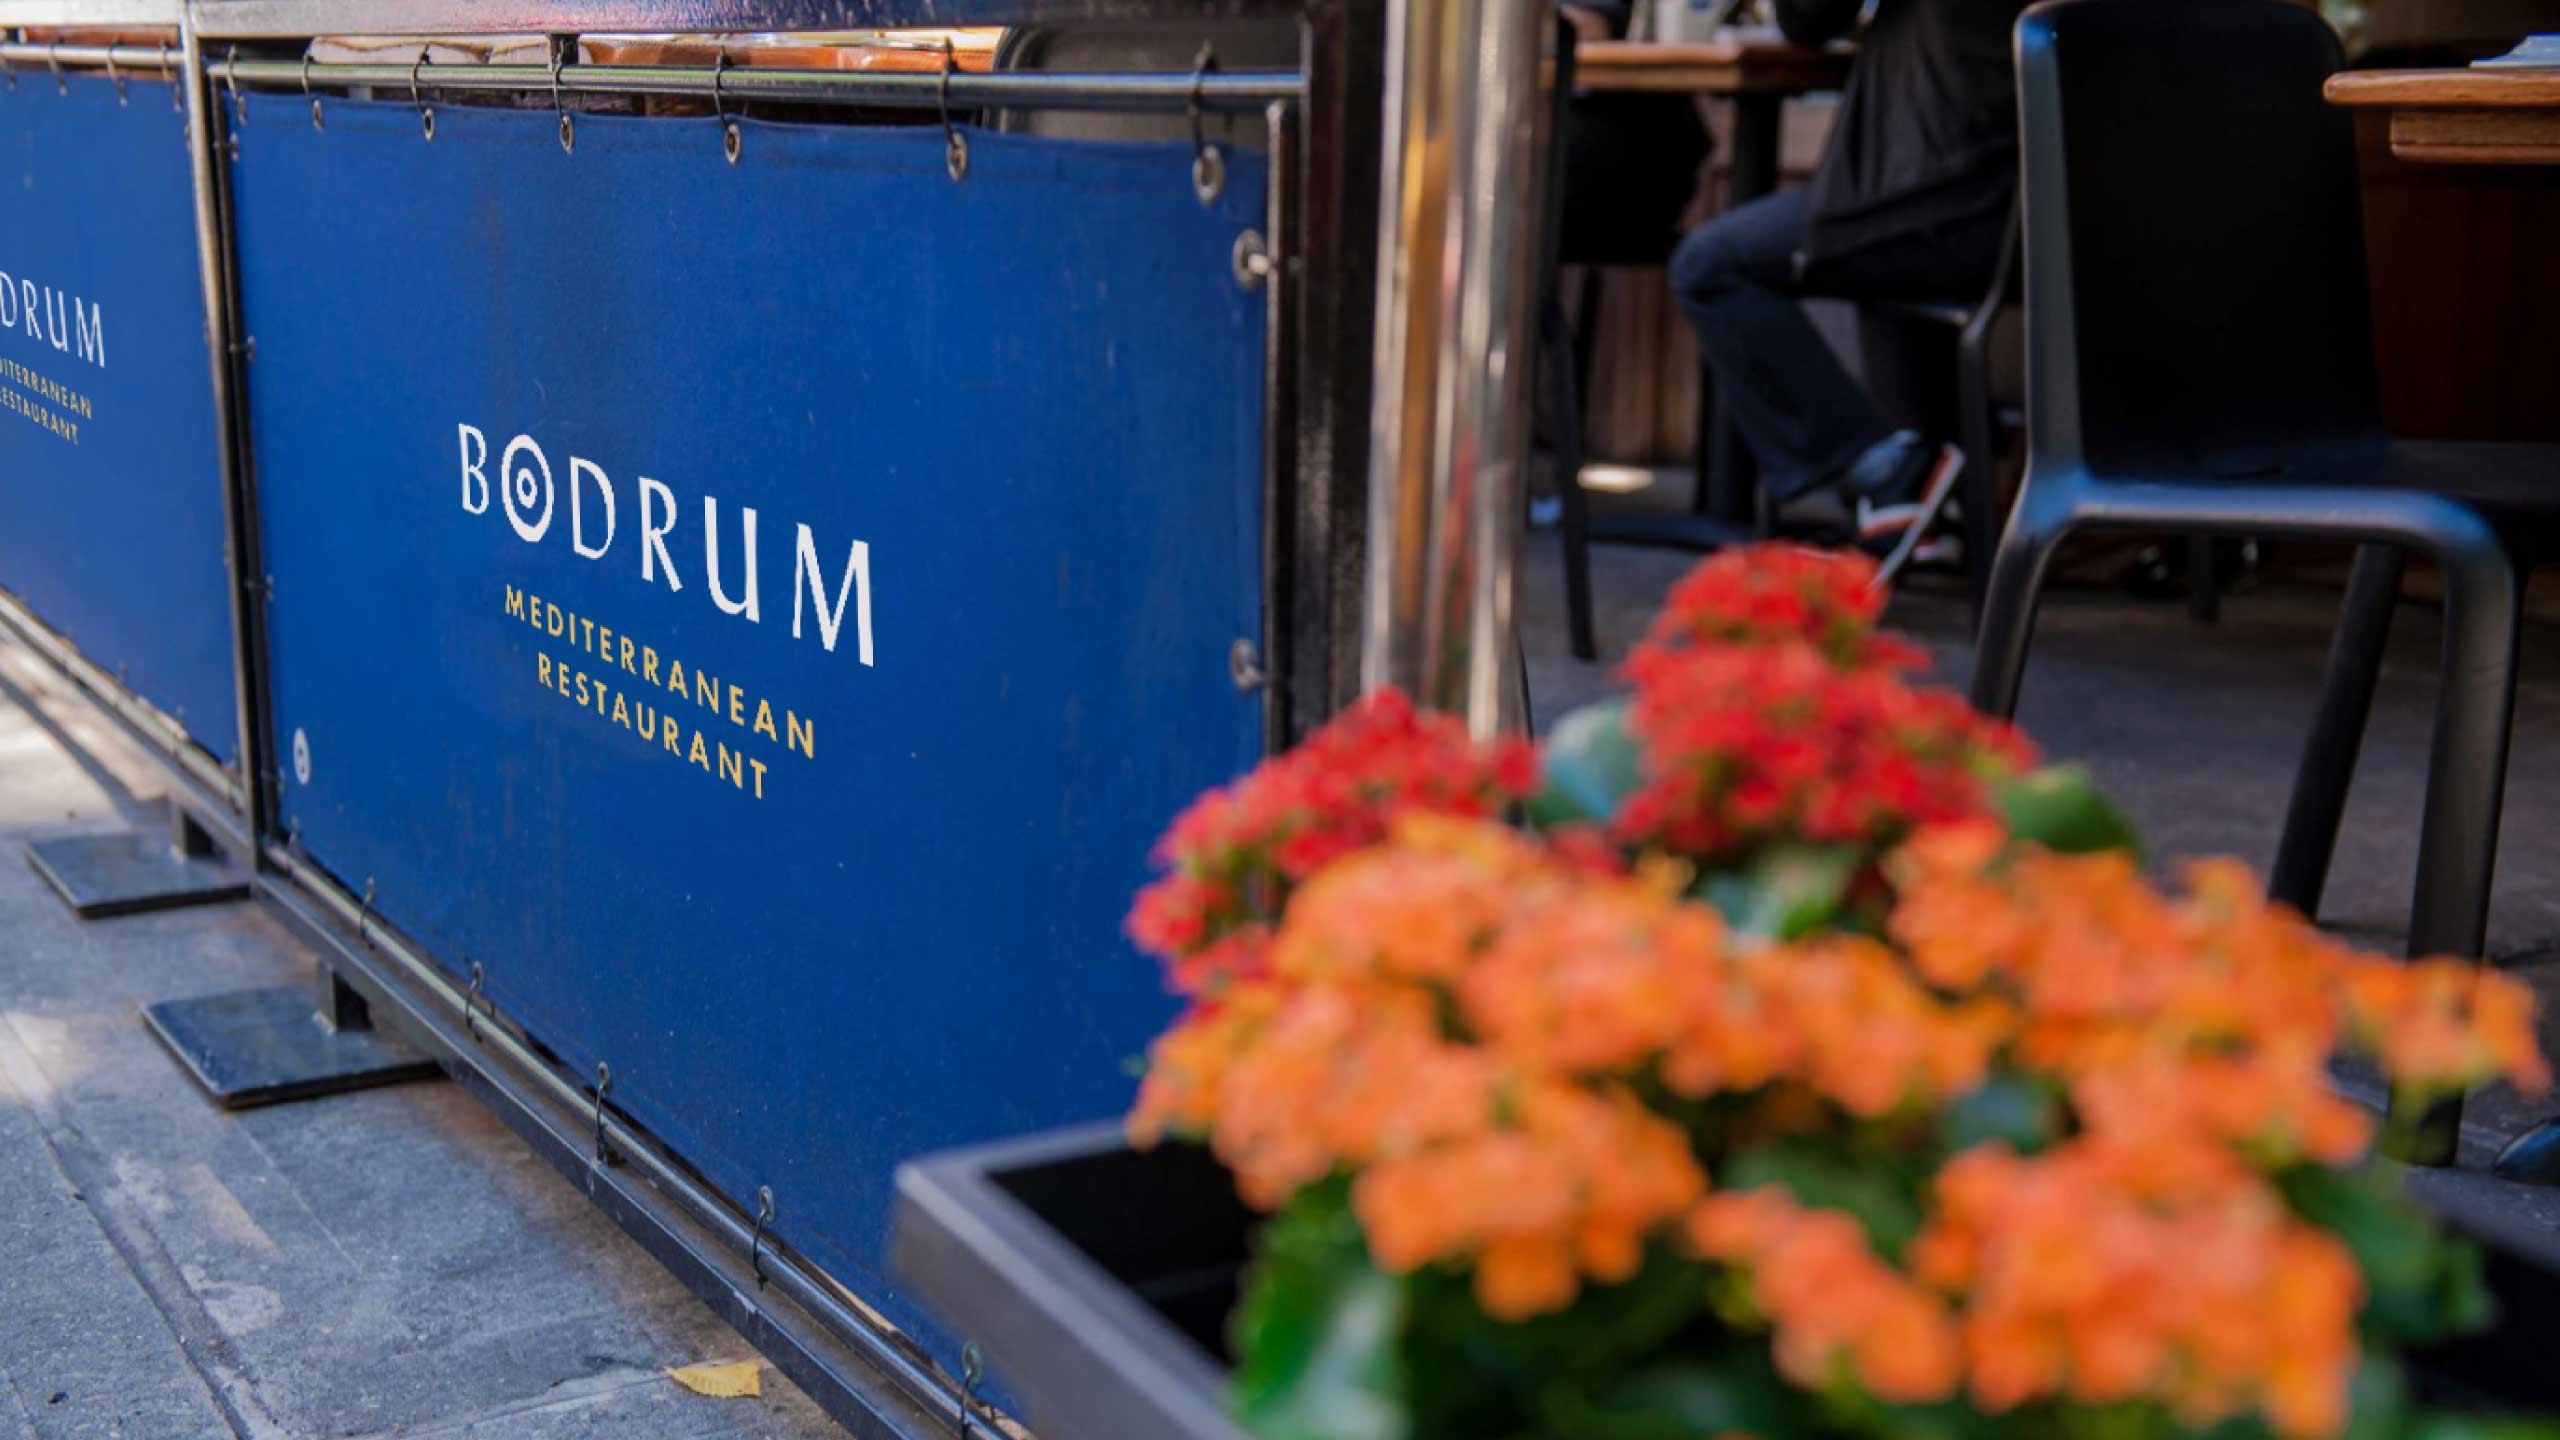 bodrum-restaurant-signage